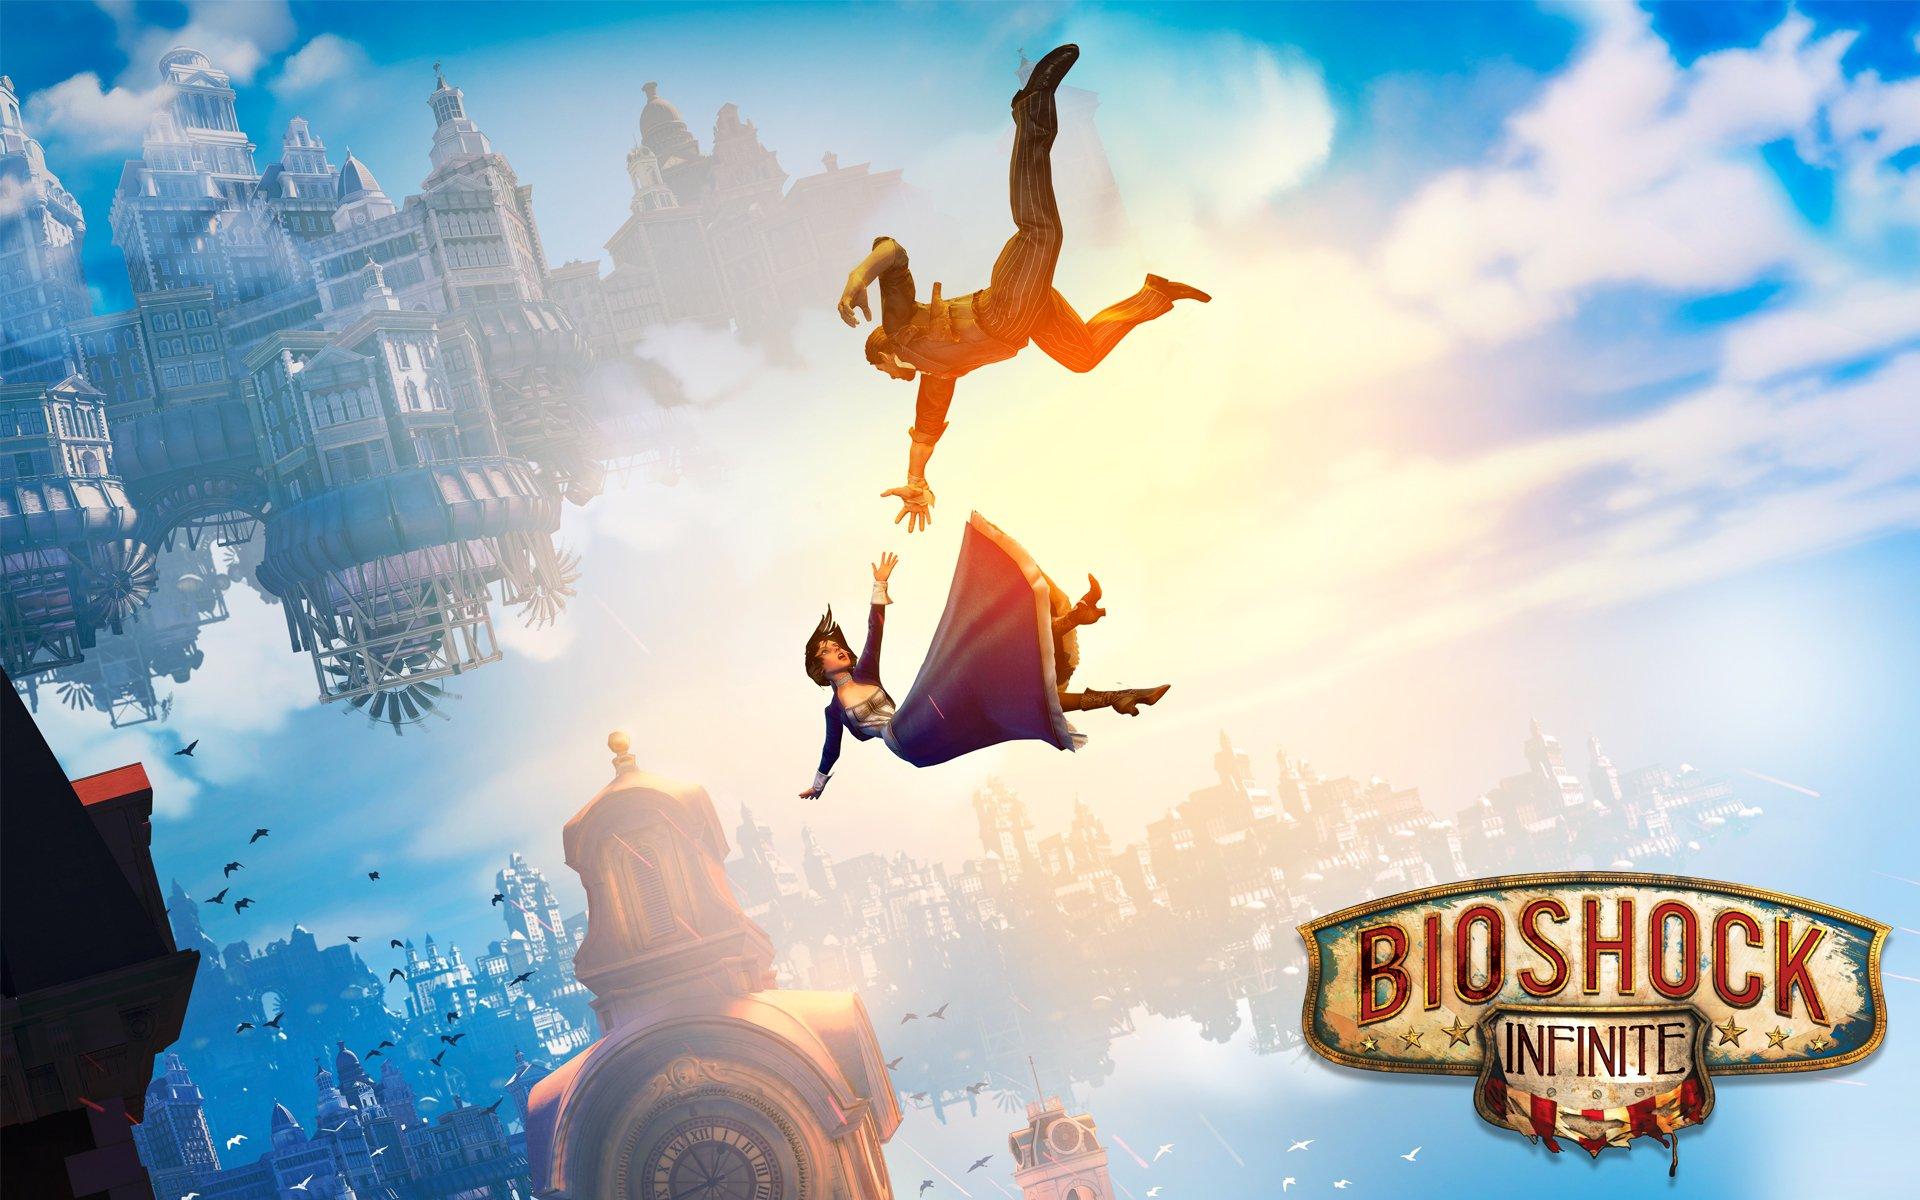 Bioshock Infinite - игра так себе, зато стиль крутой - Изображение 1